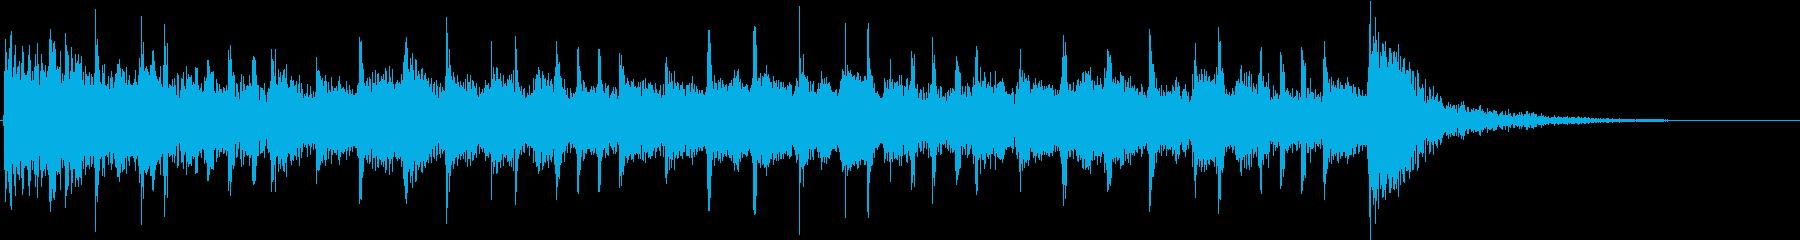 シロミまで11秒のジングルです。の再生済みの波形